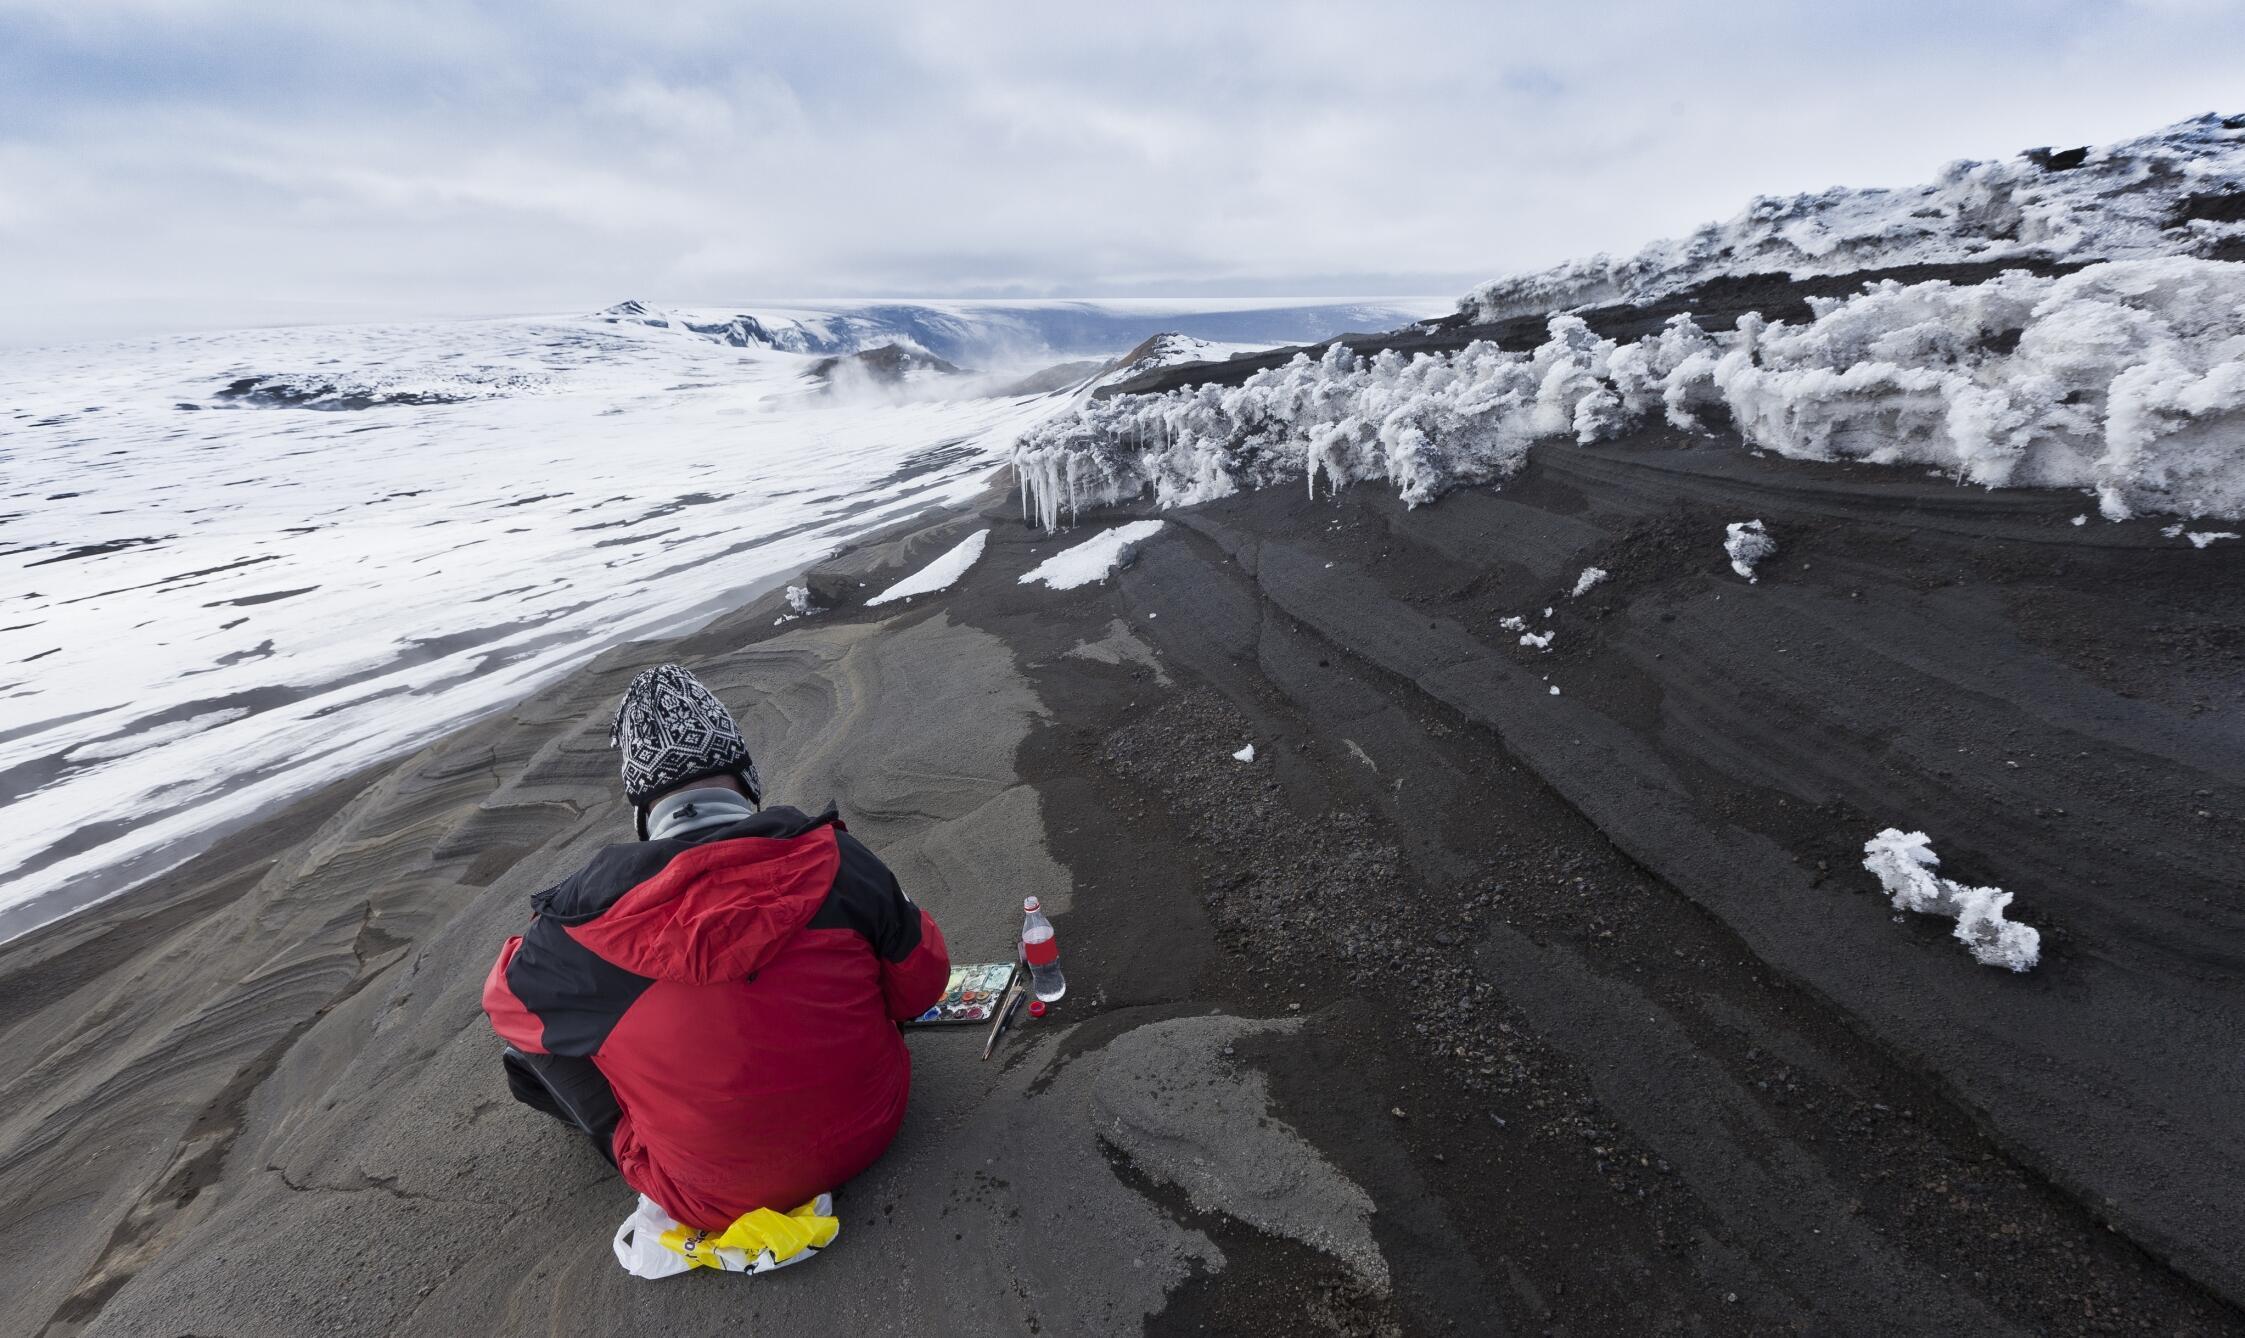 Gravement touchée par la crise économique en 2008 et faiblement peuplée, l'Islande manquait de ressources.